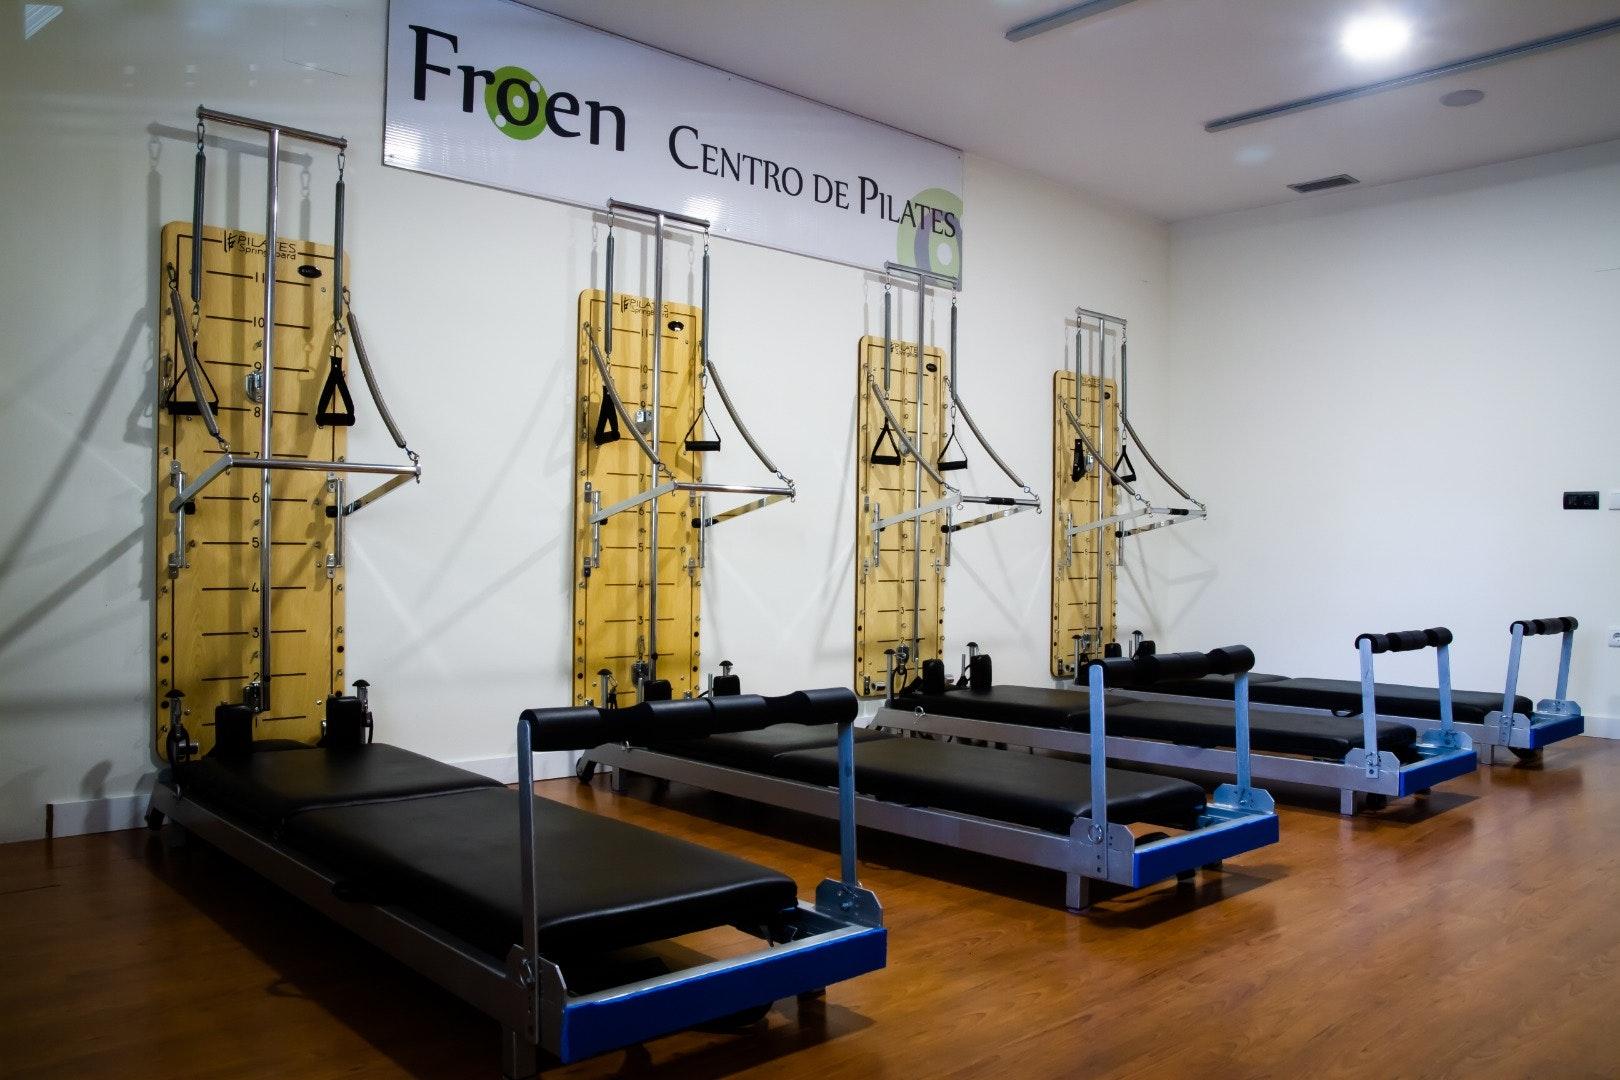 Foto 2 Oferta Froen Centro de Pilates Zaragoza {2} - GymForLess